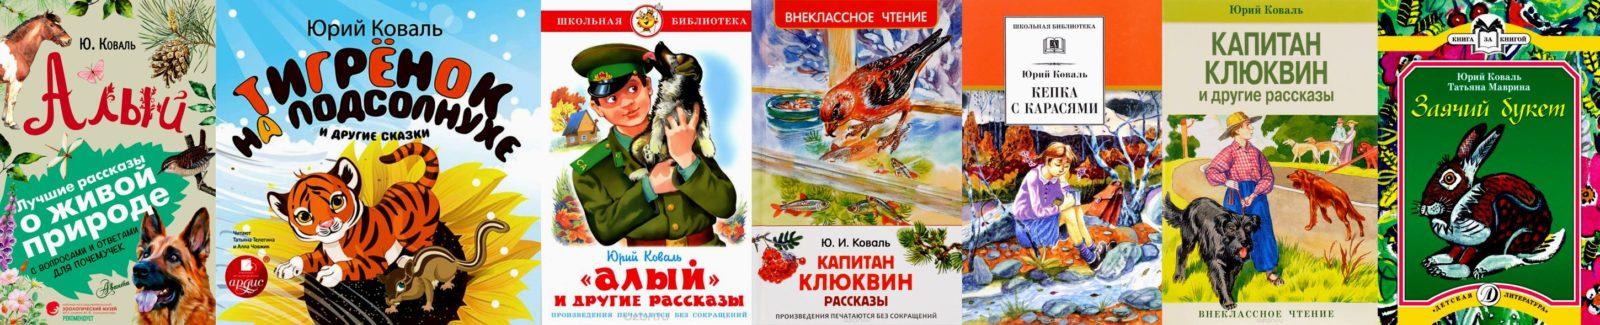 Елец—Юрий Коваль